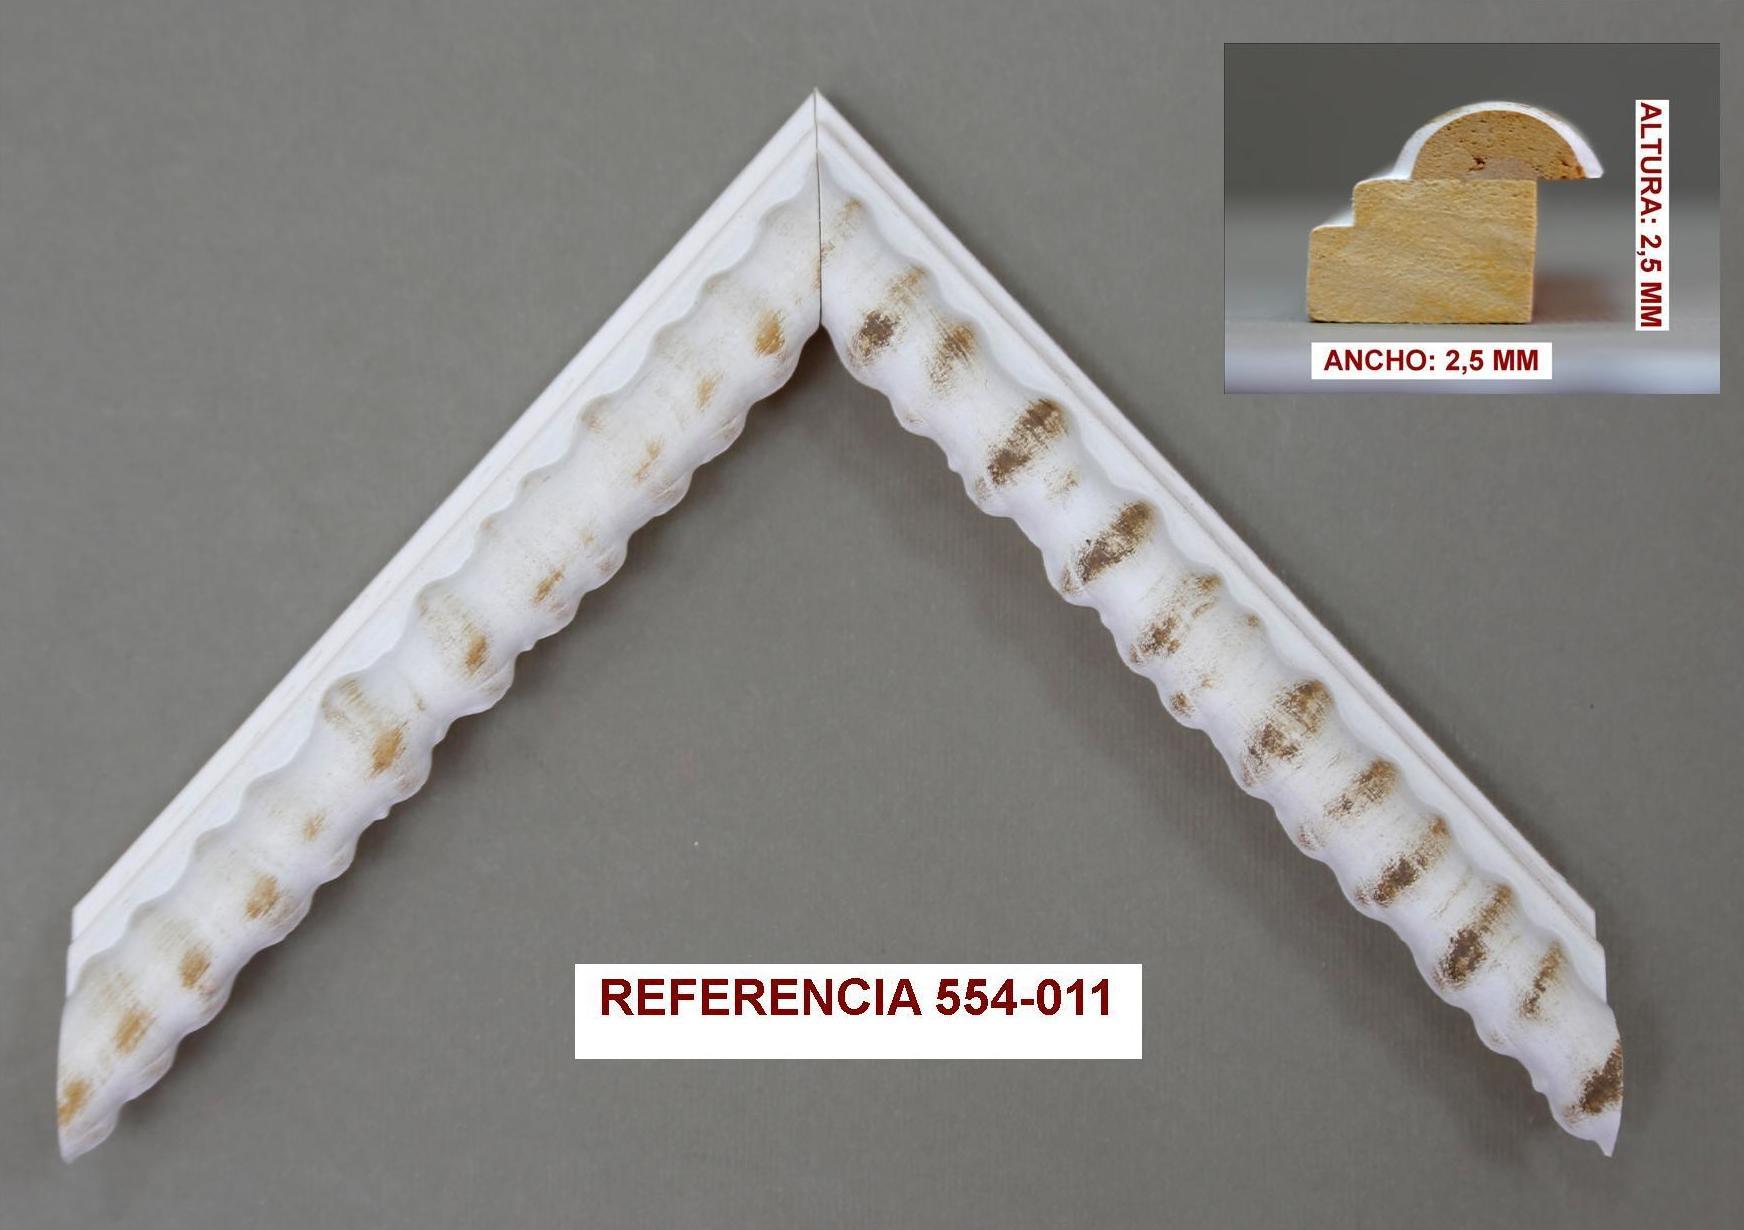 REF 554-011: Muestrario de Moldusevilla